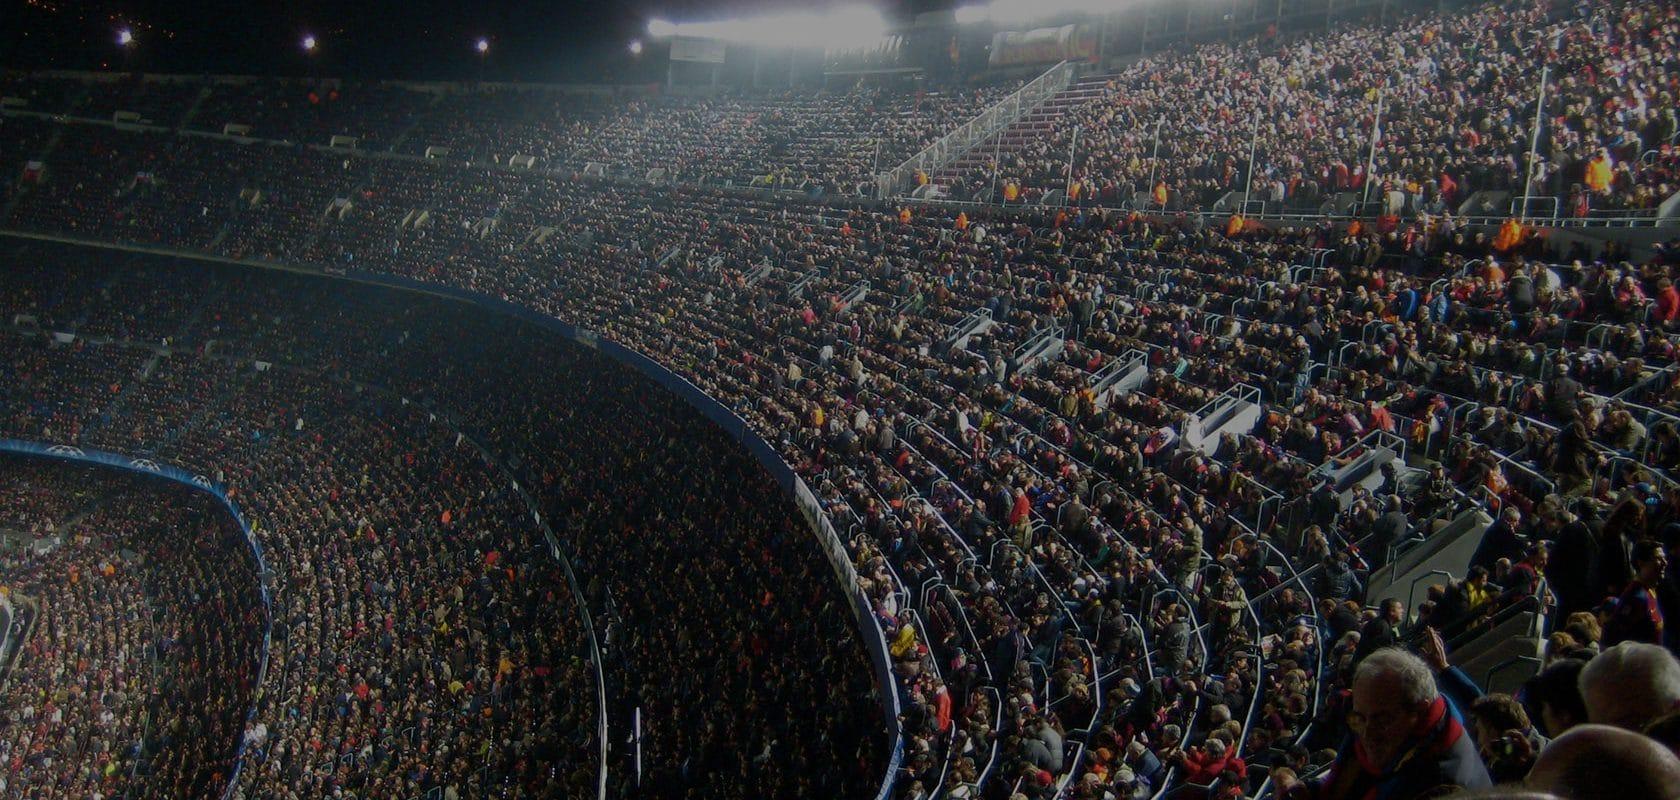 Camp Nou. Photo: Flickr/Börkur Sigurbjörnsson